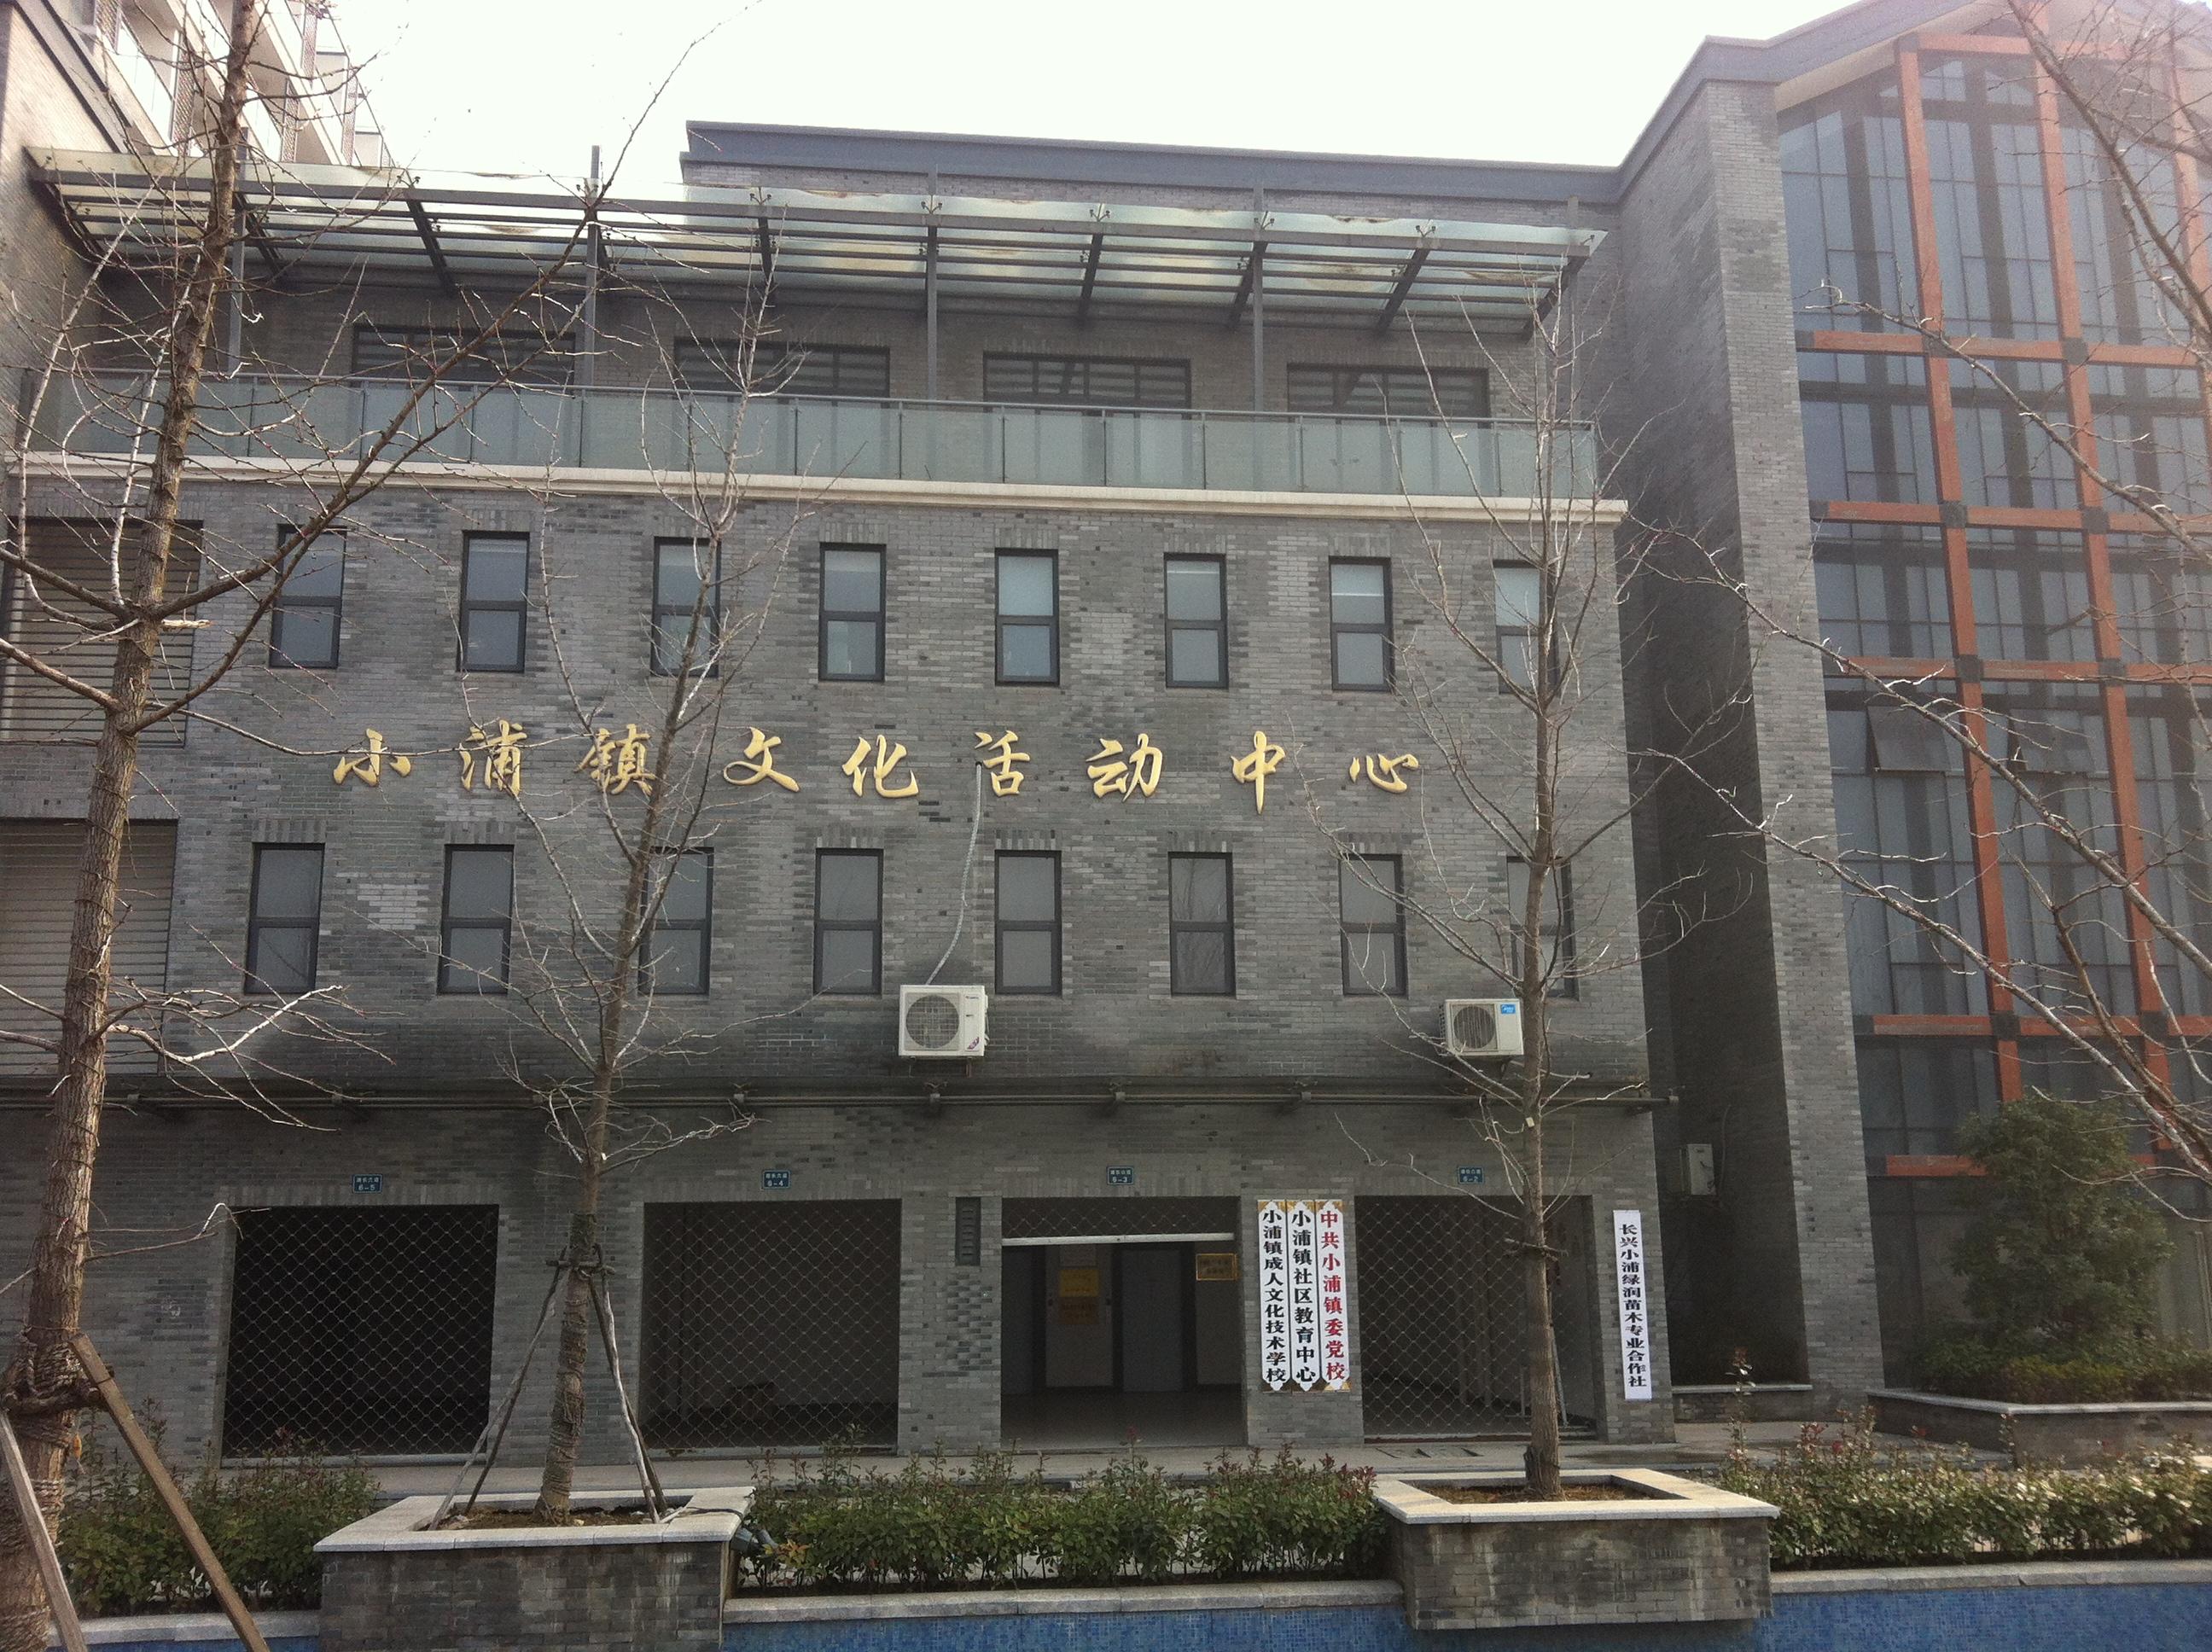 小浦镇成人文化技术学校